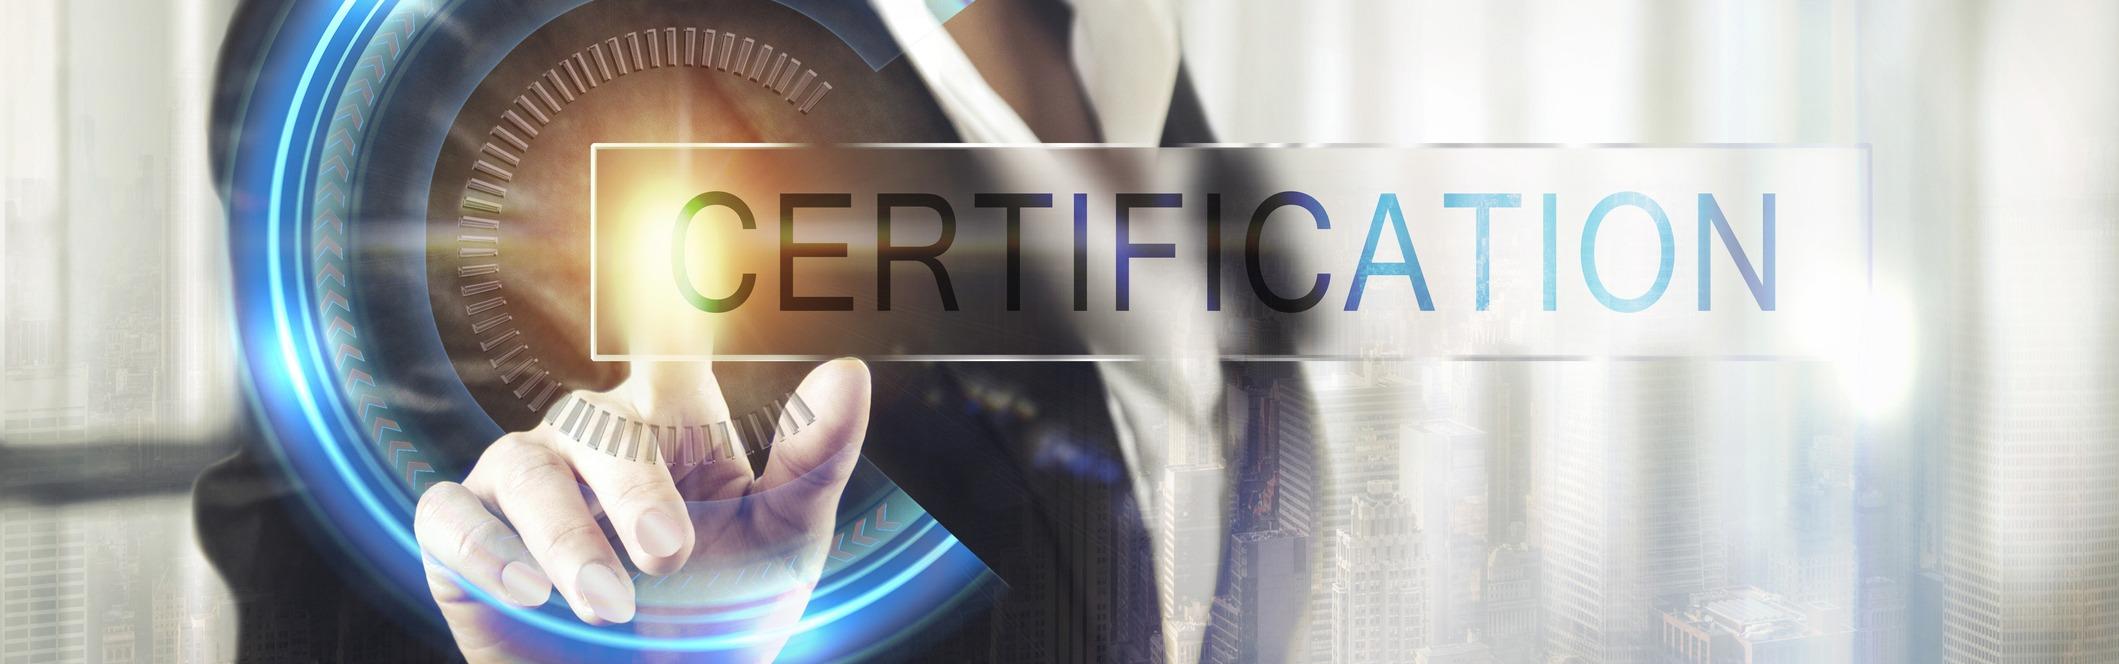 items ISO 9001:2015-zertifiziert – Qualität auf höchstem Niveau